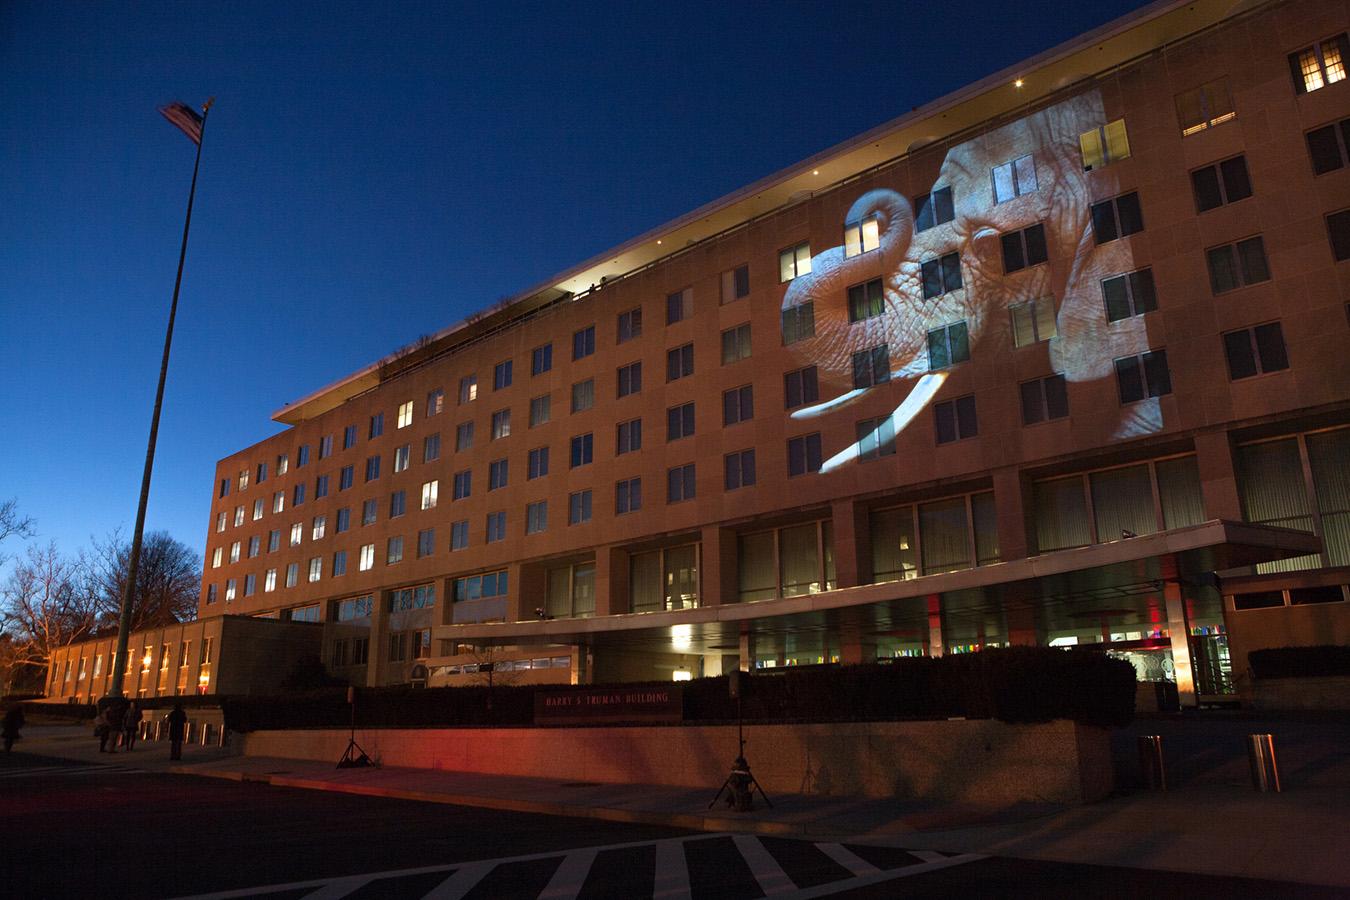 Foto de elefante proyectada en fachada de un edificio (Depto. de Estado/D.A. Peterson)